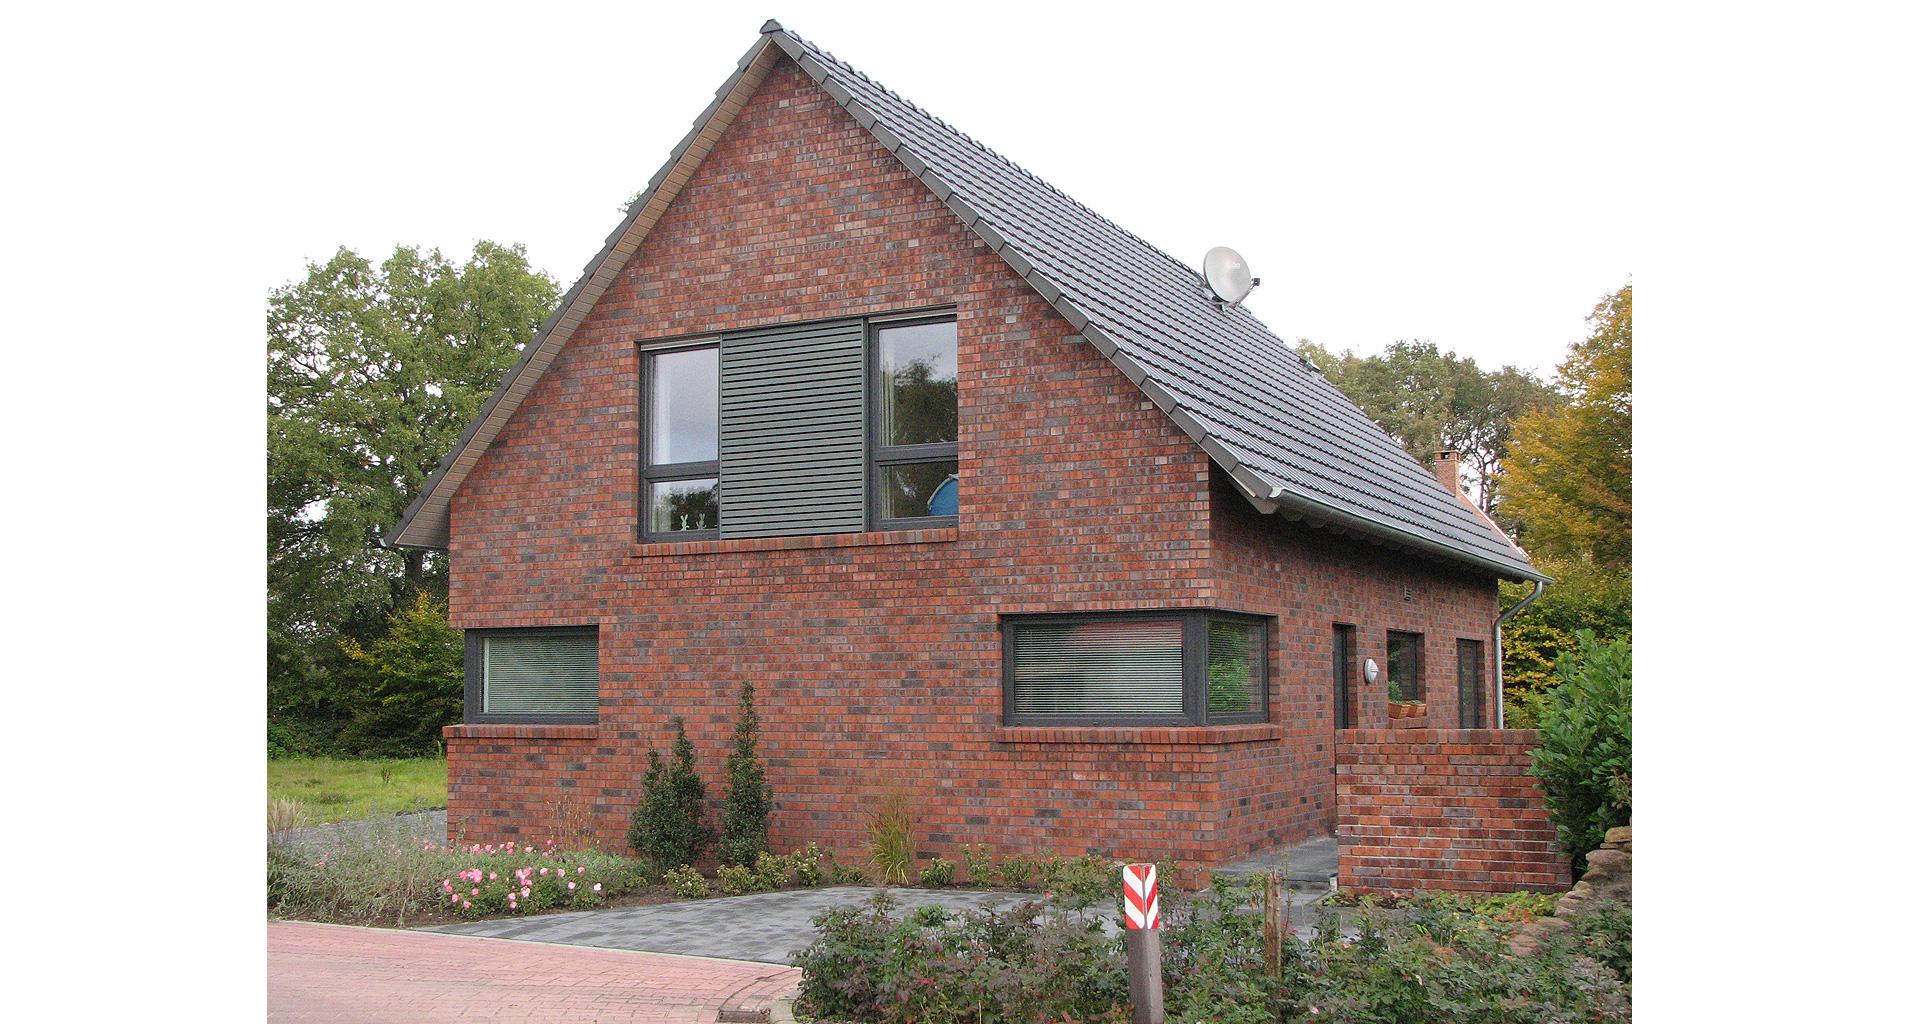 Planung einfamilienhaus nordhorn baucontrol sander for Planung einfamilienhaus